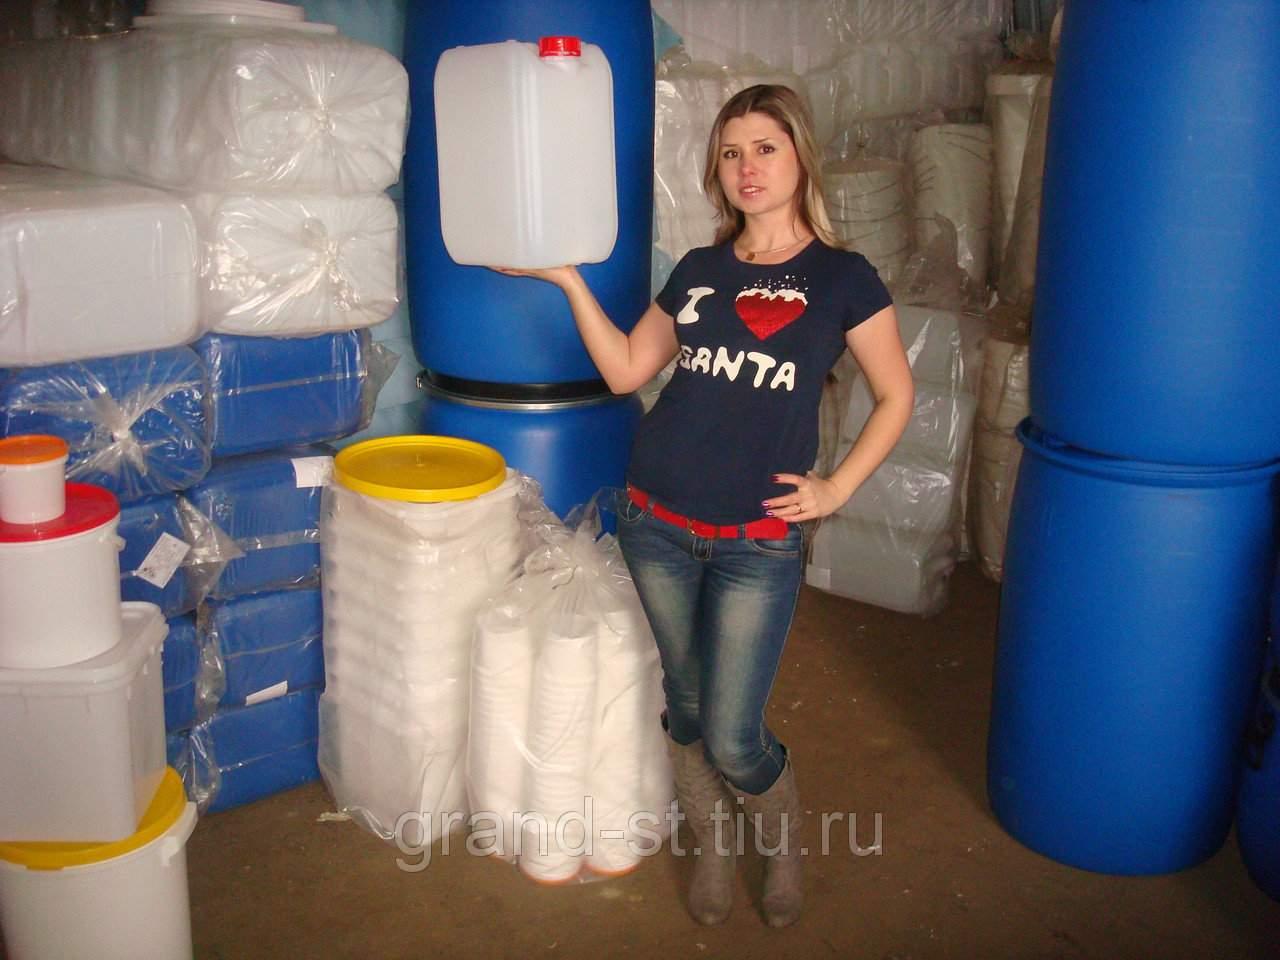 купить пластиковые канистры от производителя оптом Новгорода Смоленск